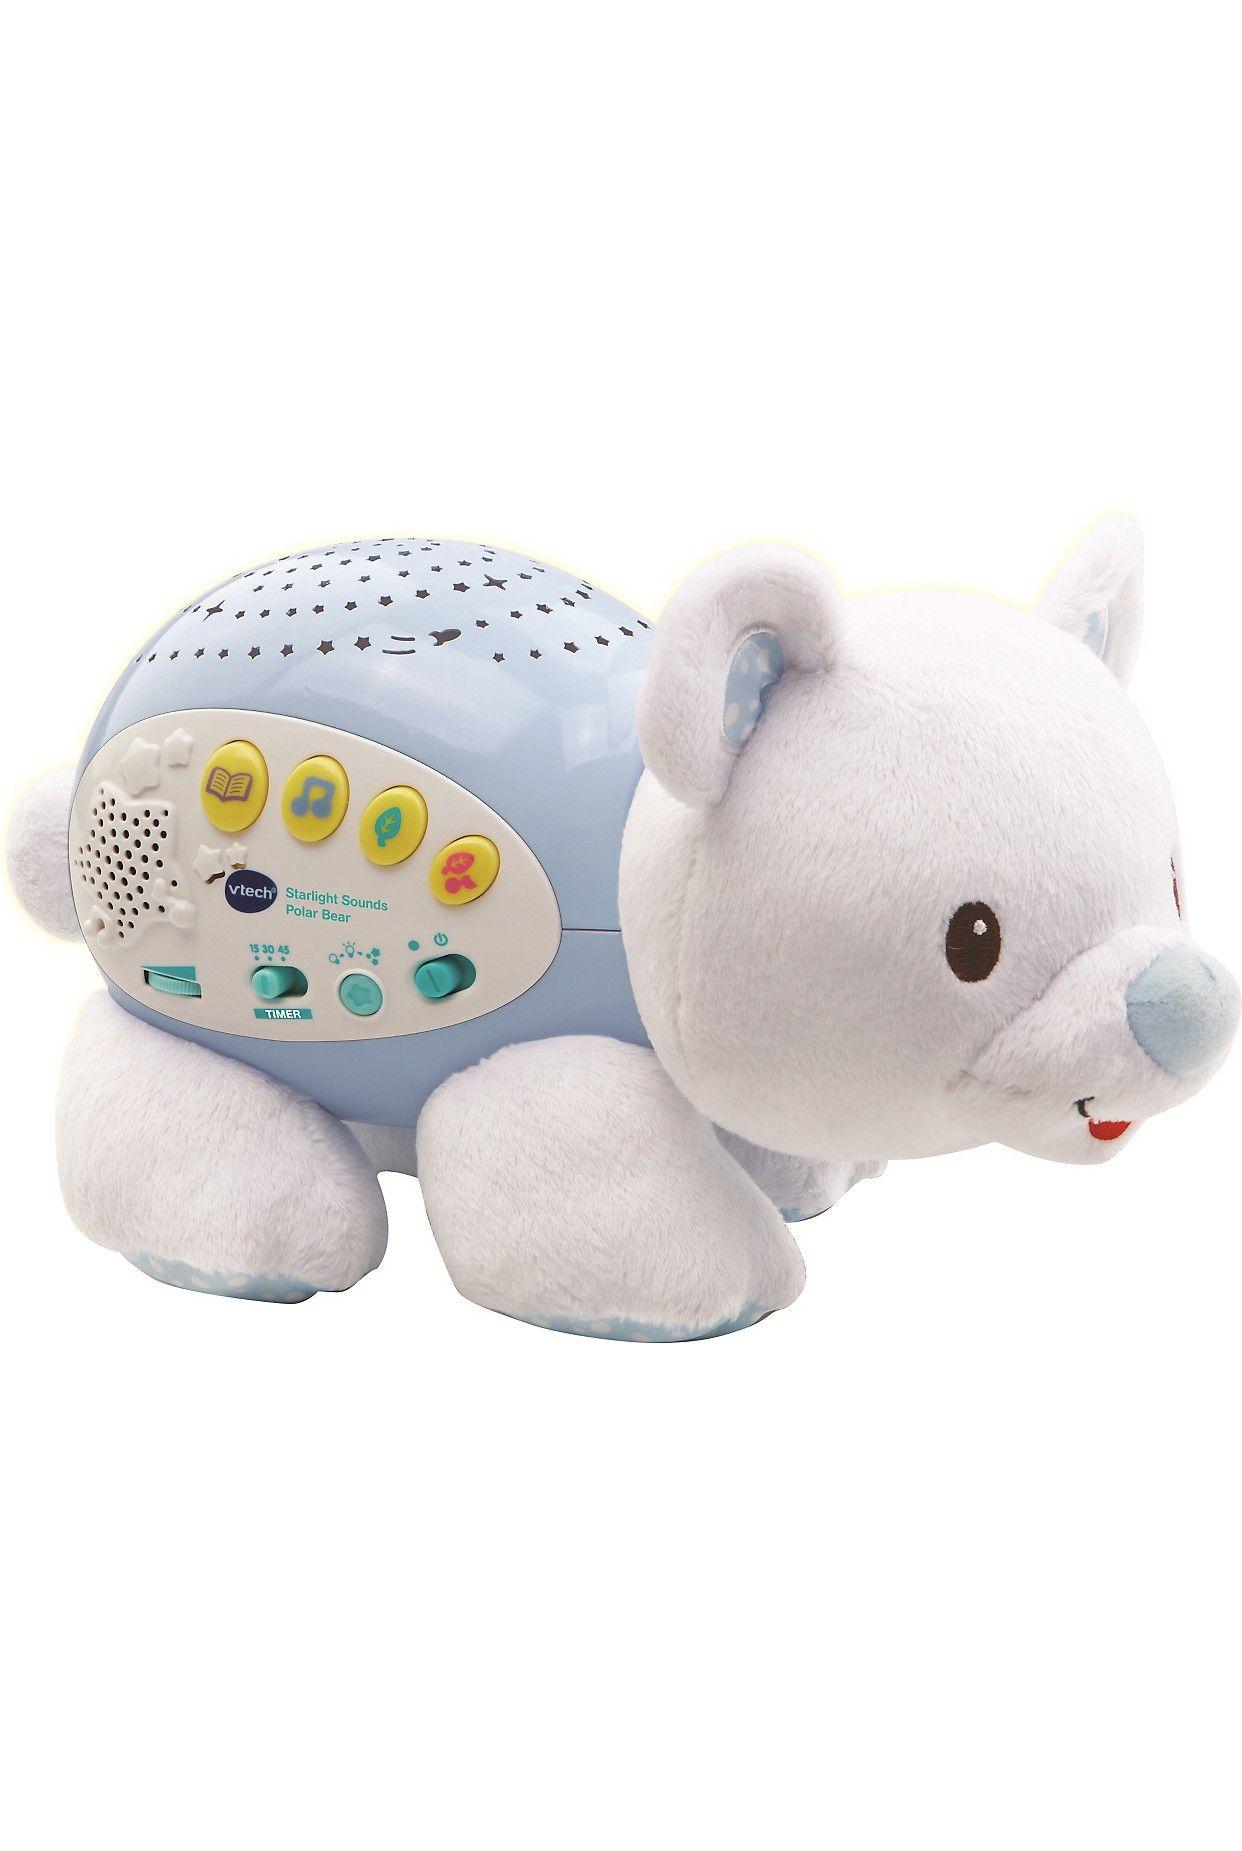 VTECH Little Friendlies Starlight Sound polar bear Polar